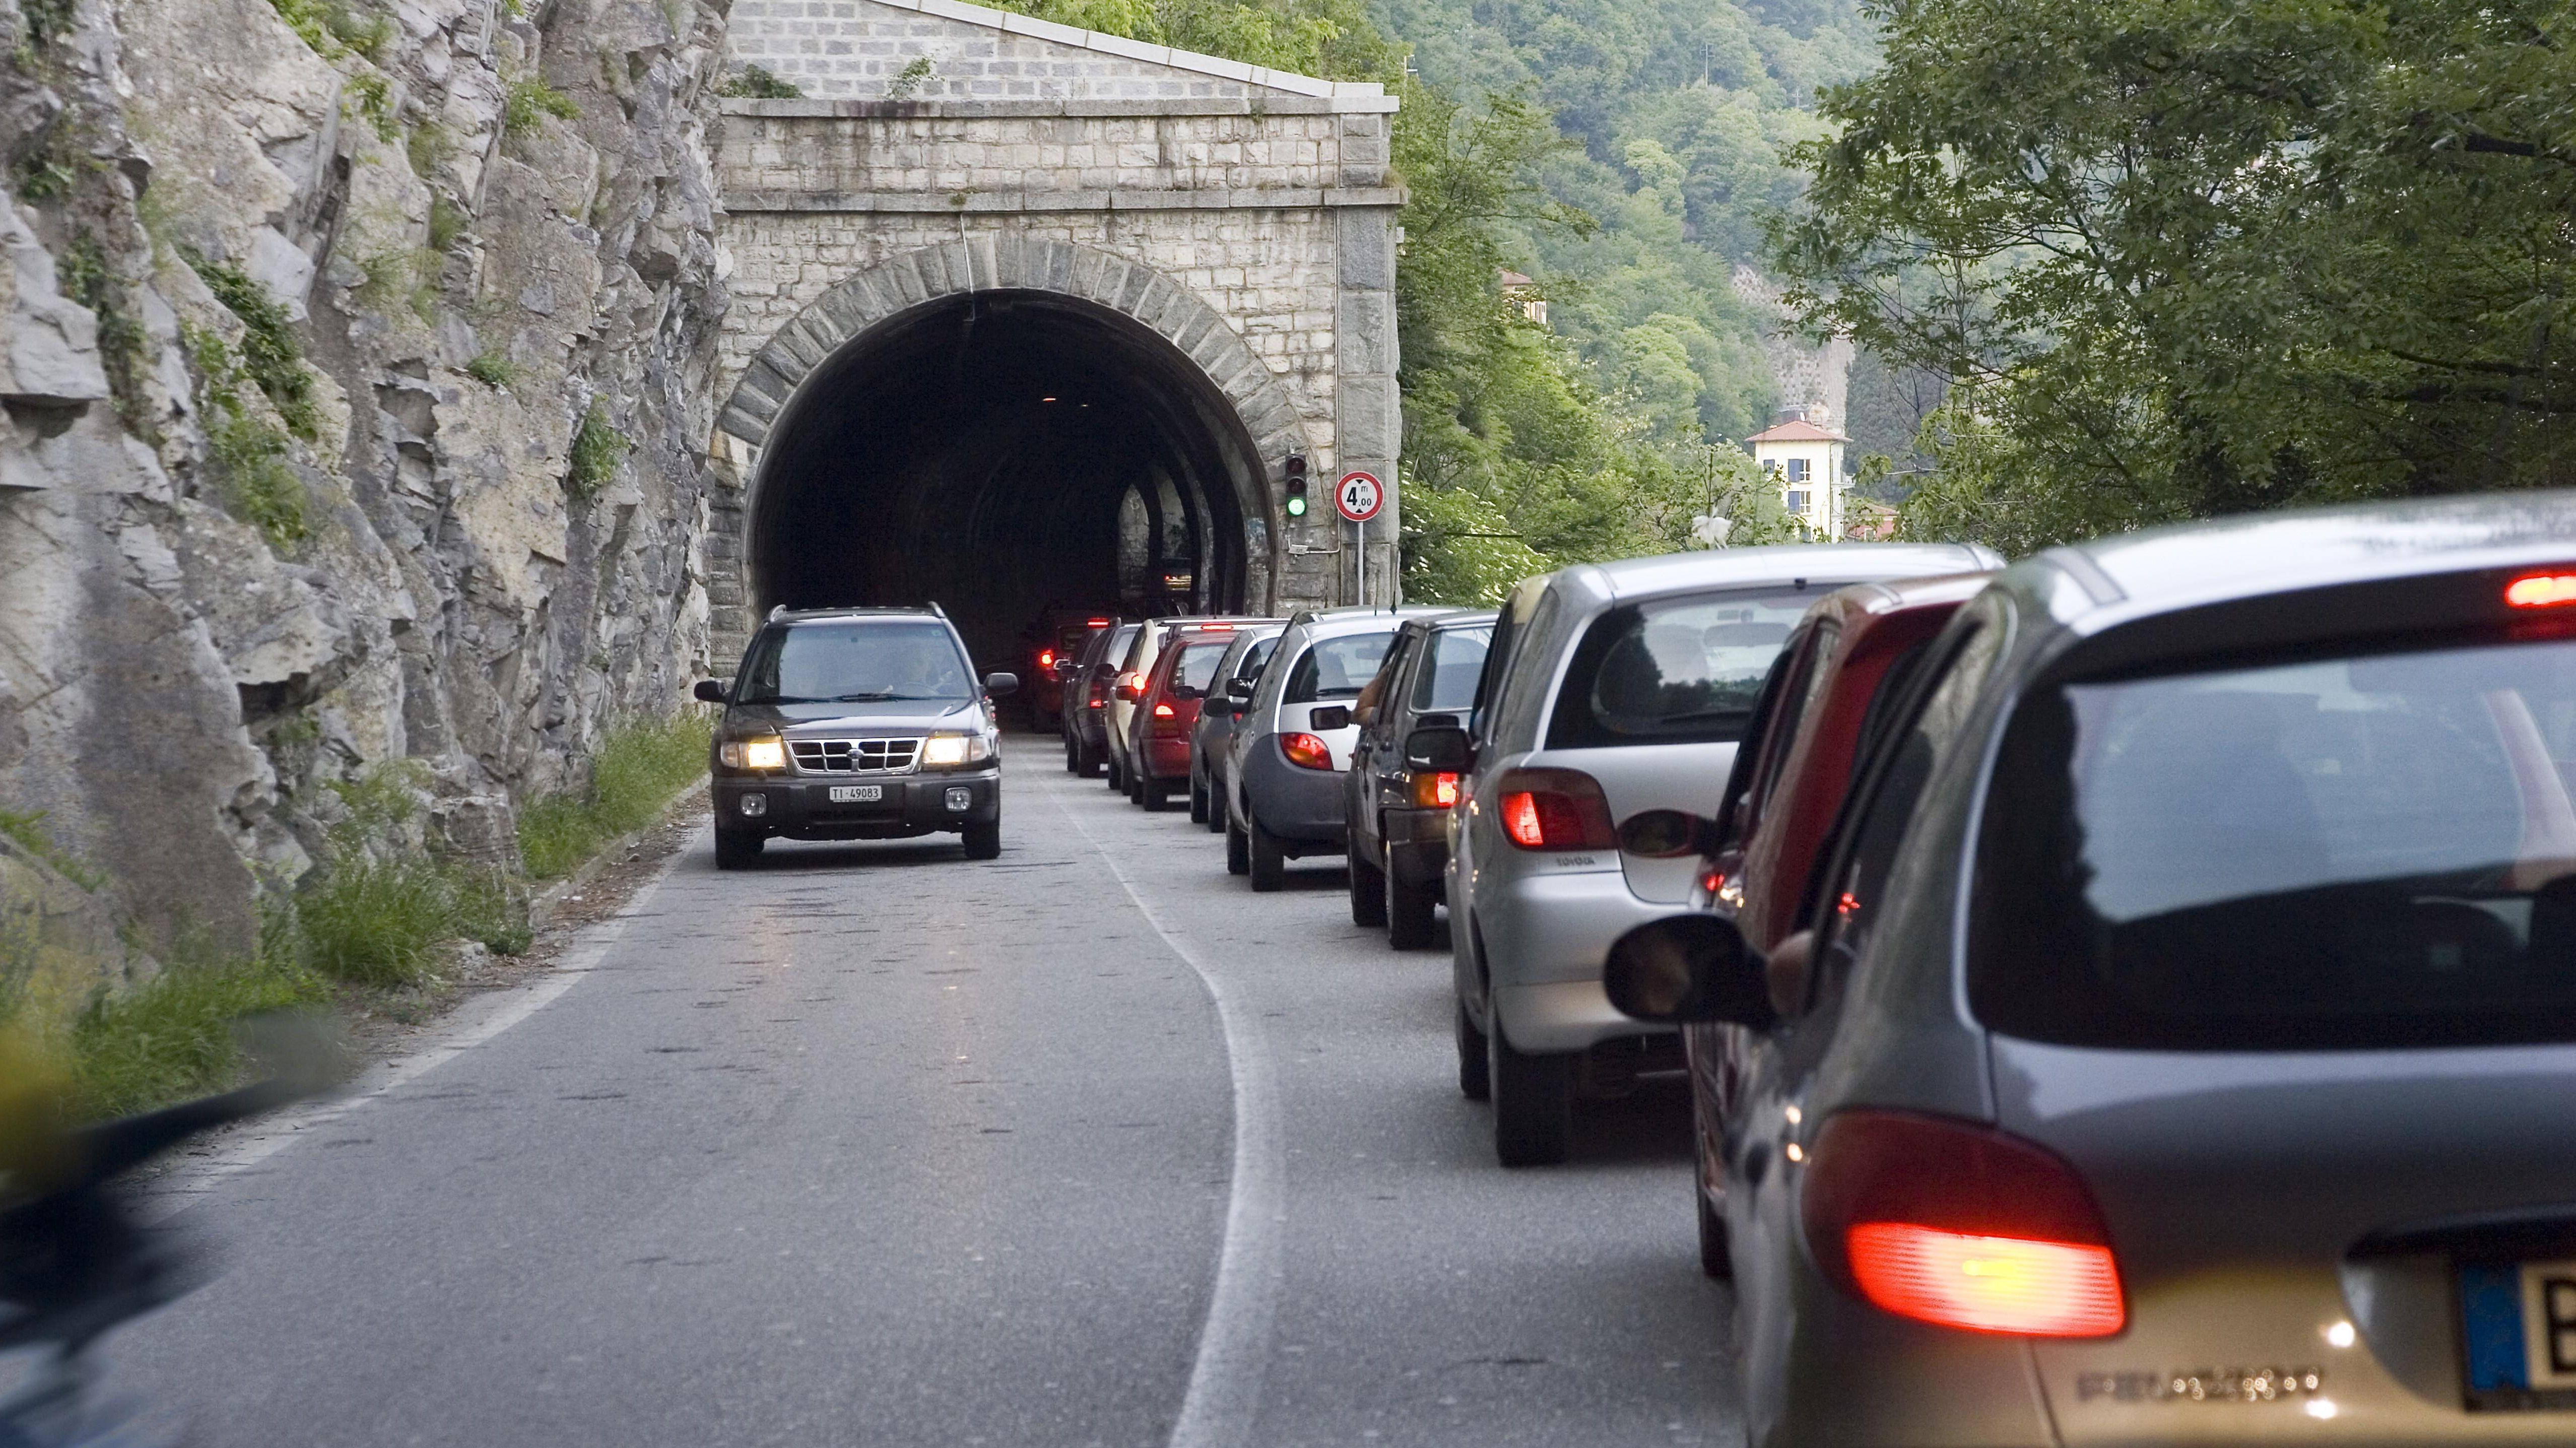 Stau vor einem Tunnel, Comer See, Lombardei